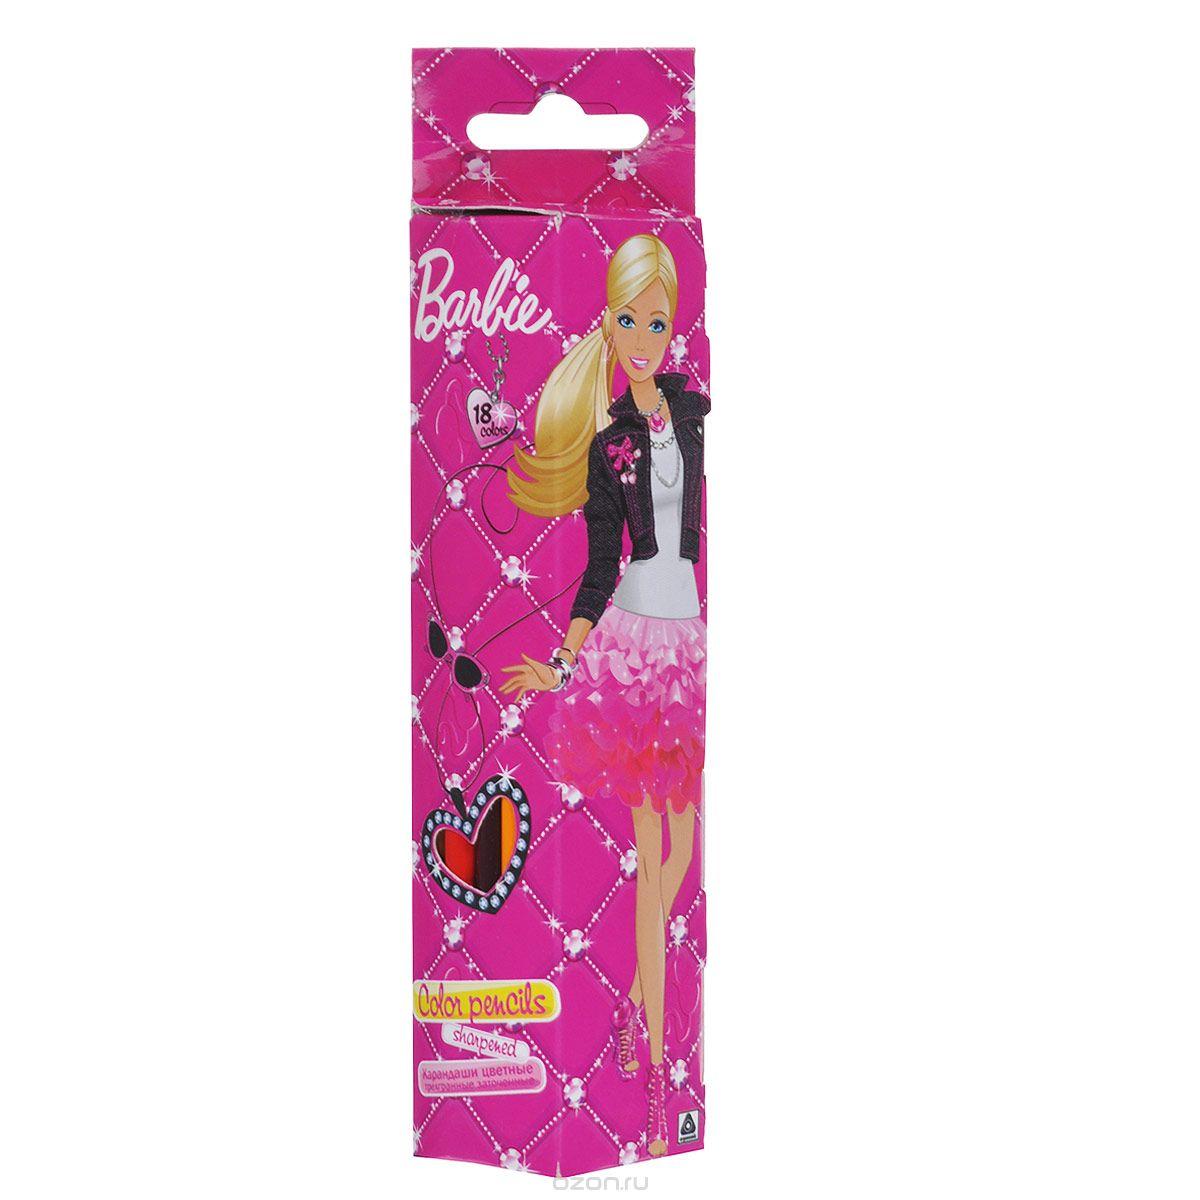 Набор цветных карандашей (треугольные), 18 шт. Цветные карандаши длиной 17,8 см; заточенные; дерево - липа; цветной грифель 2,65 мм; BarbieBRAB-US1-3P-18Качественные карандаши для маленьких принцес. Цвет: розовый. Материал: Пластик, . Поверхность: Бумага. Упаковка: Коробка картонная.